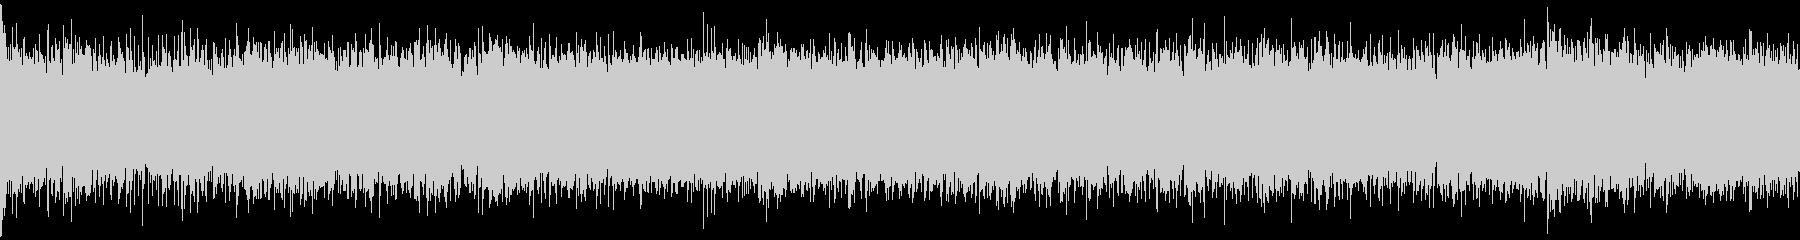 和風シネマティック戦闘音楽・ループの未再生の波形